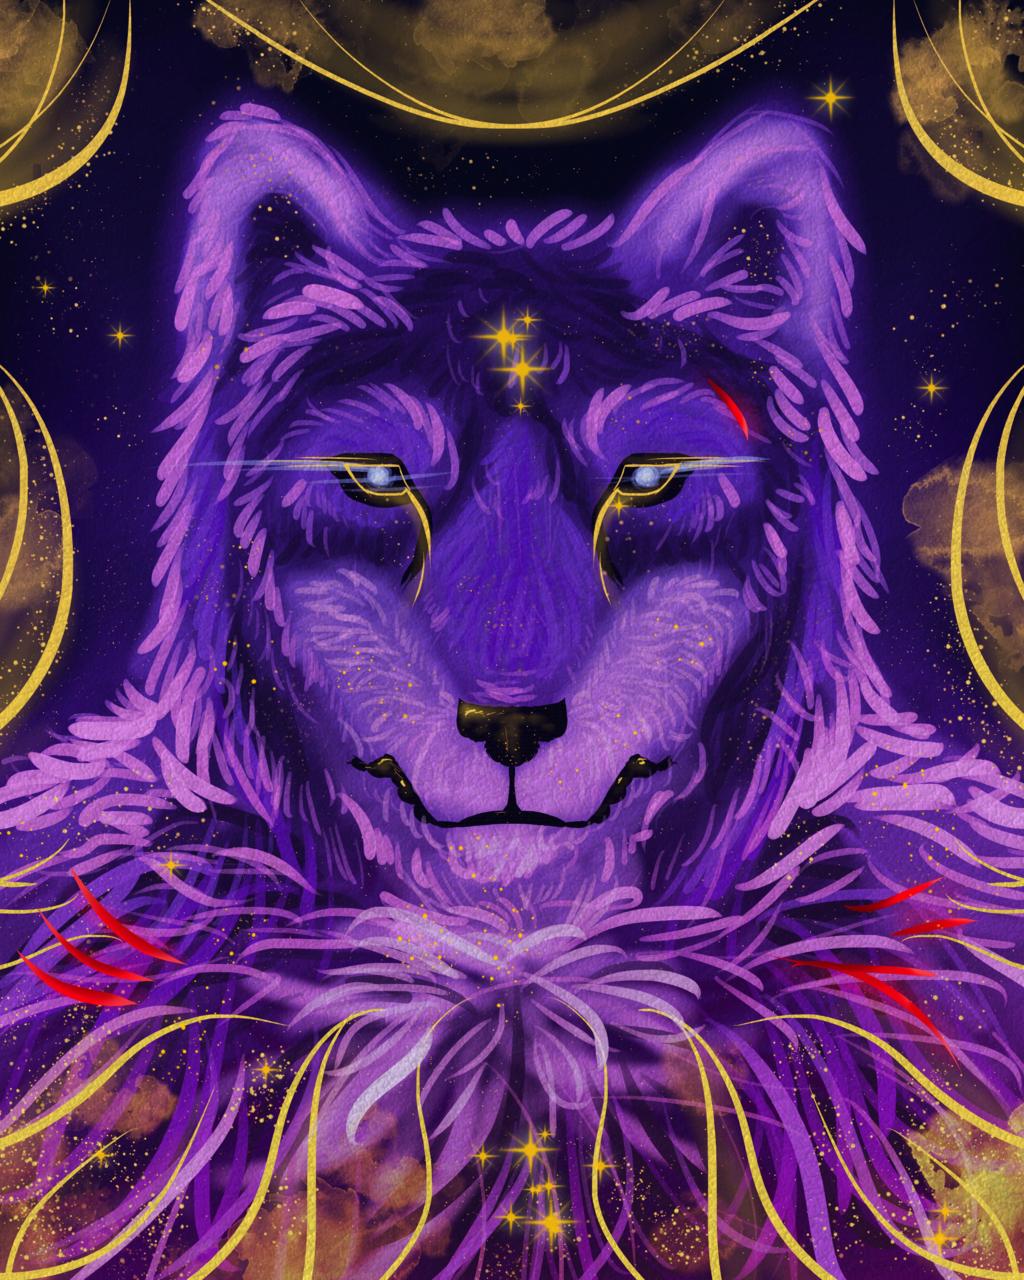 Stardust by Desaia